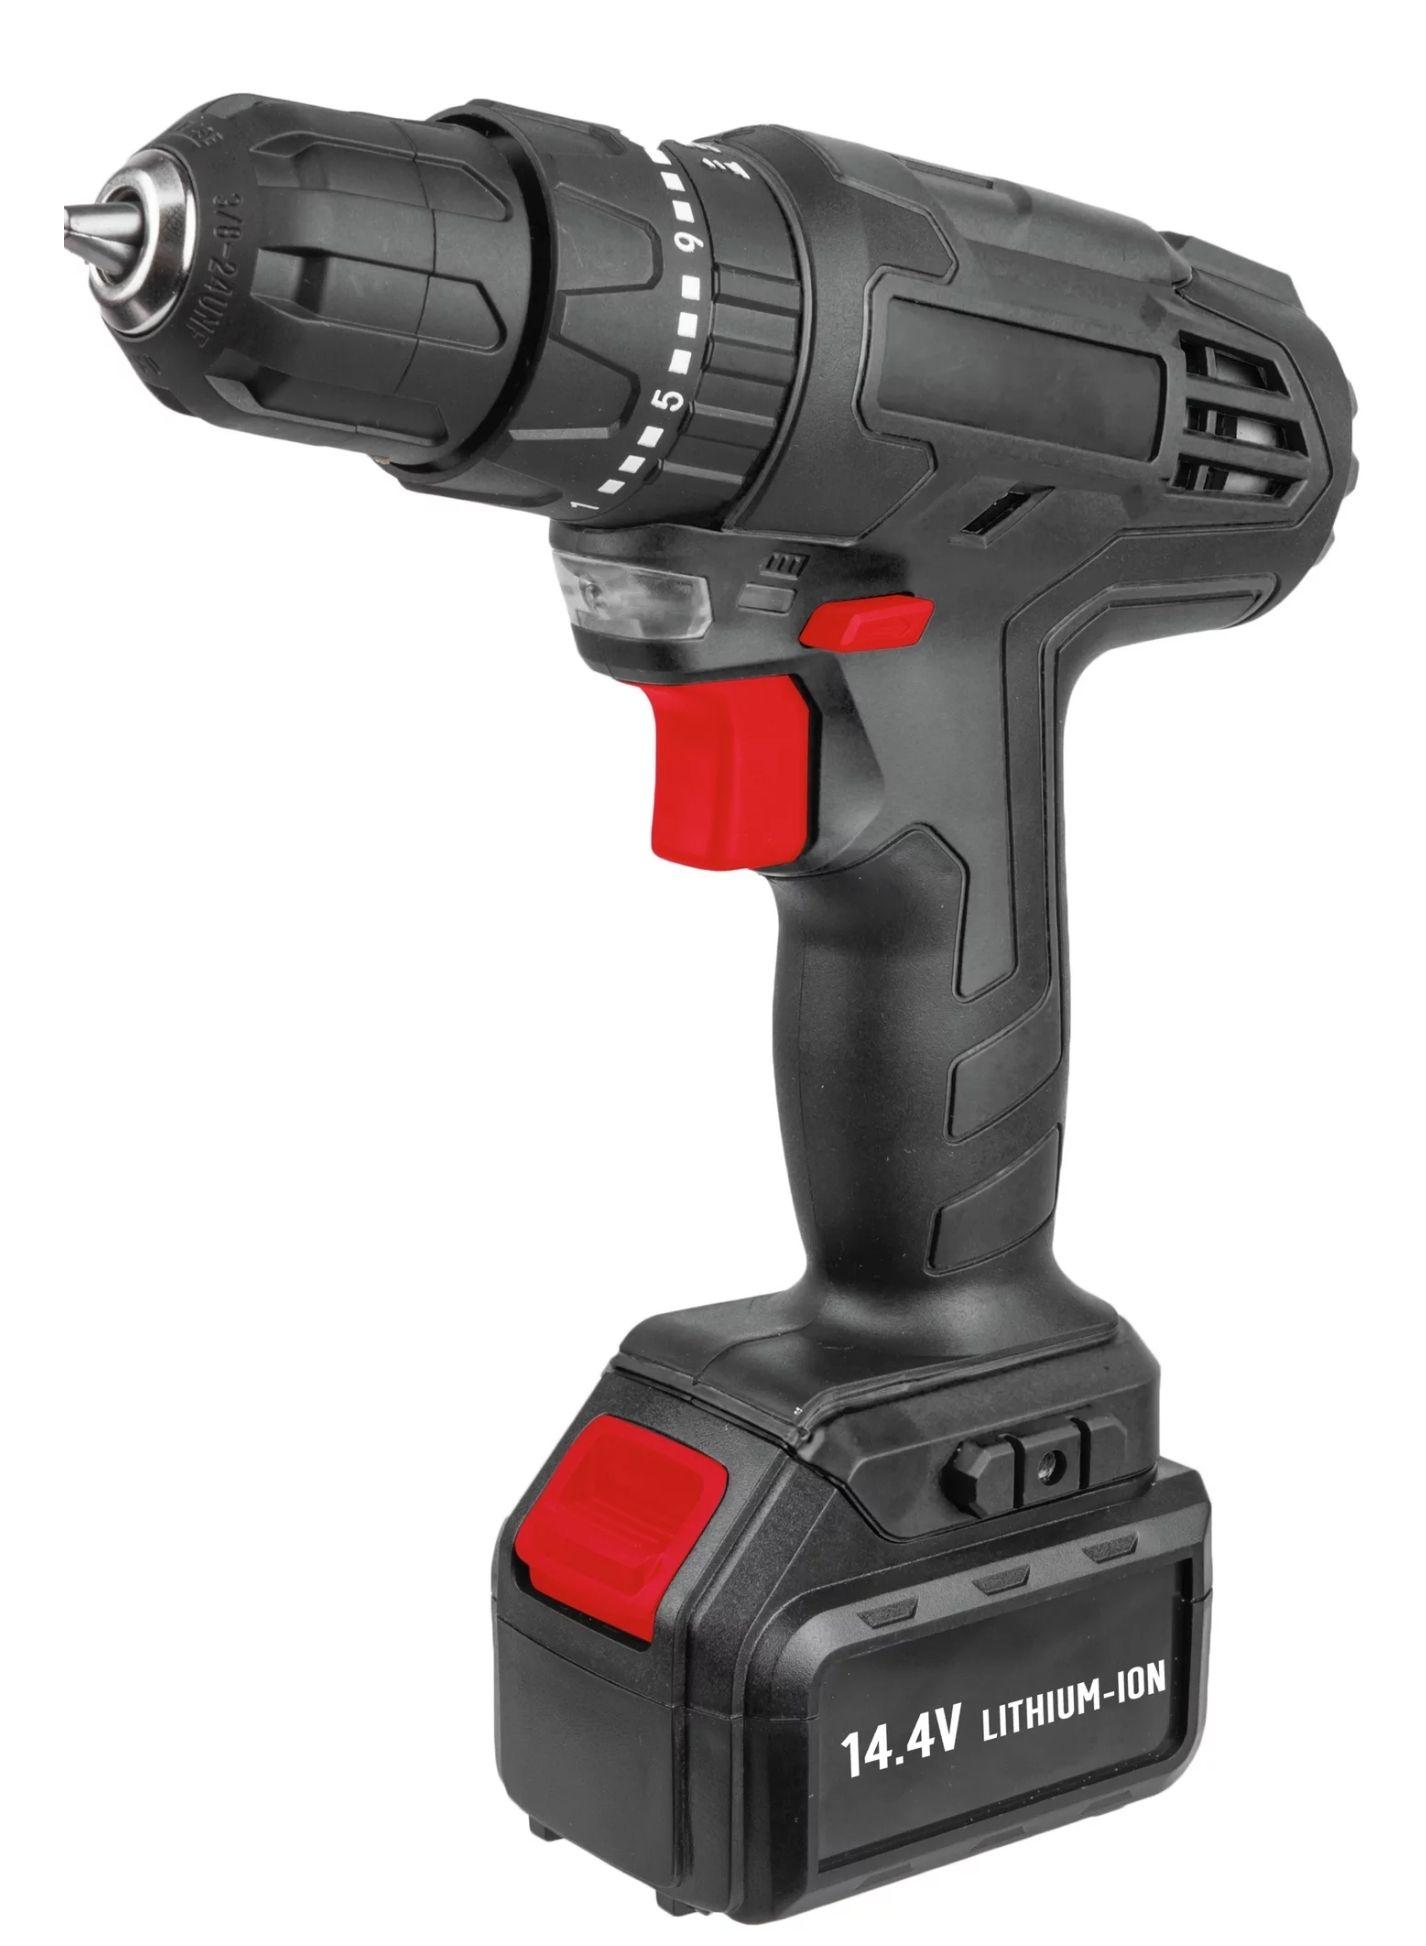 Simple Value 1.3Ah Cordless Hammer Drill - 14.4V £12.50 Argos